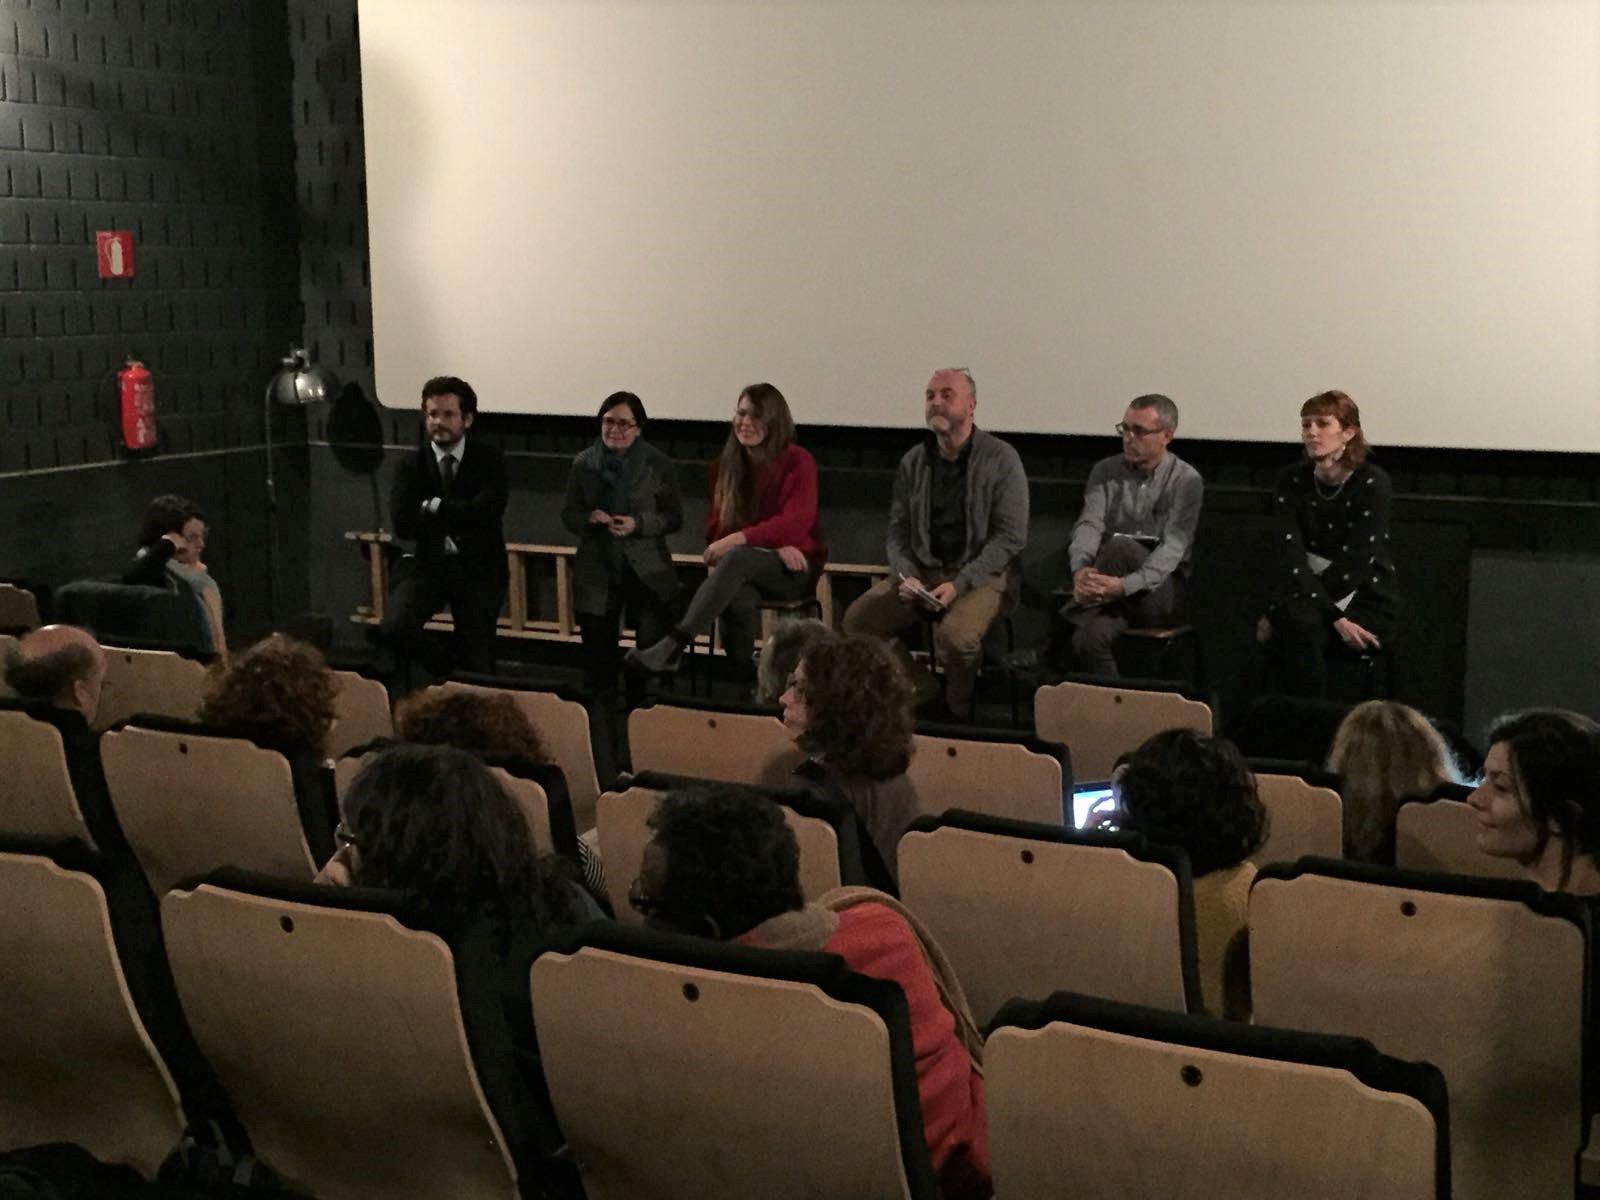 Cine forum: ?Citizen Jane. Battle for the city?